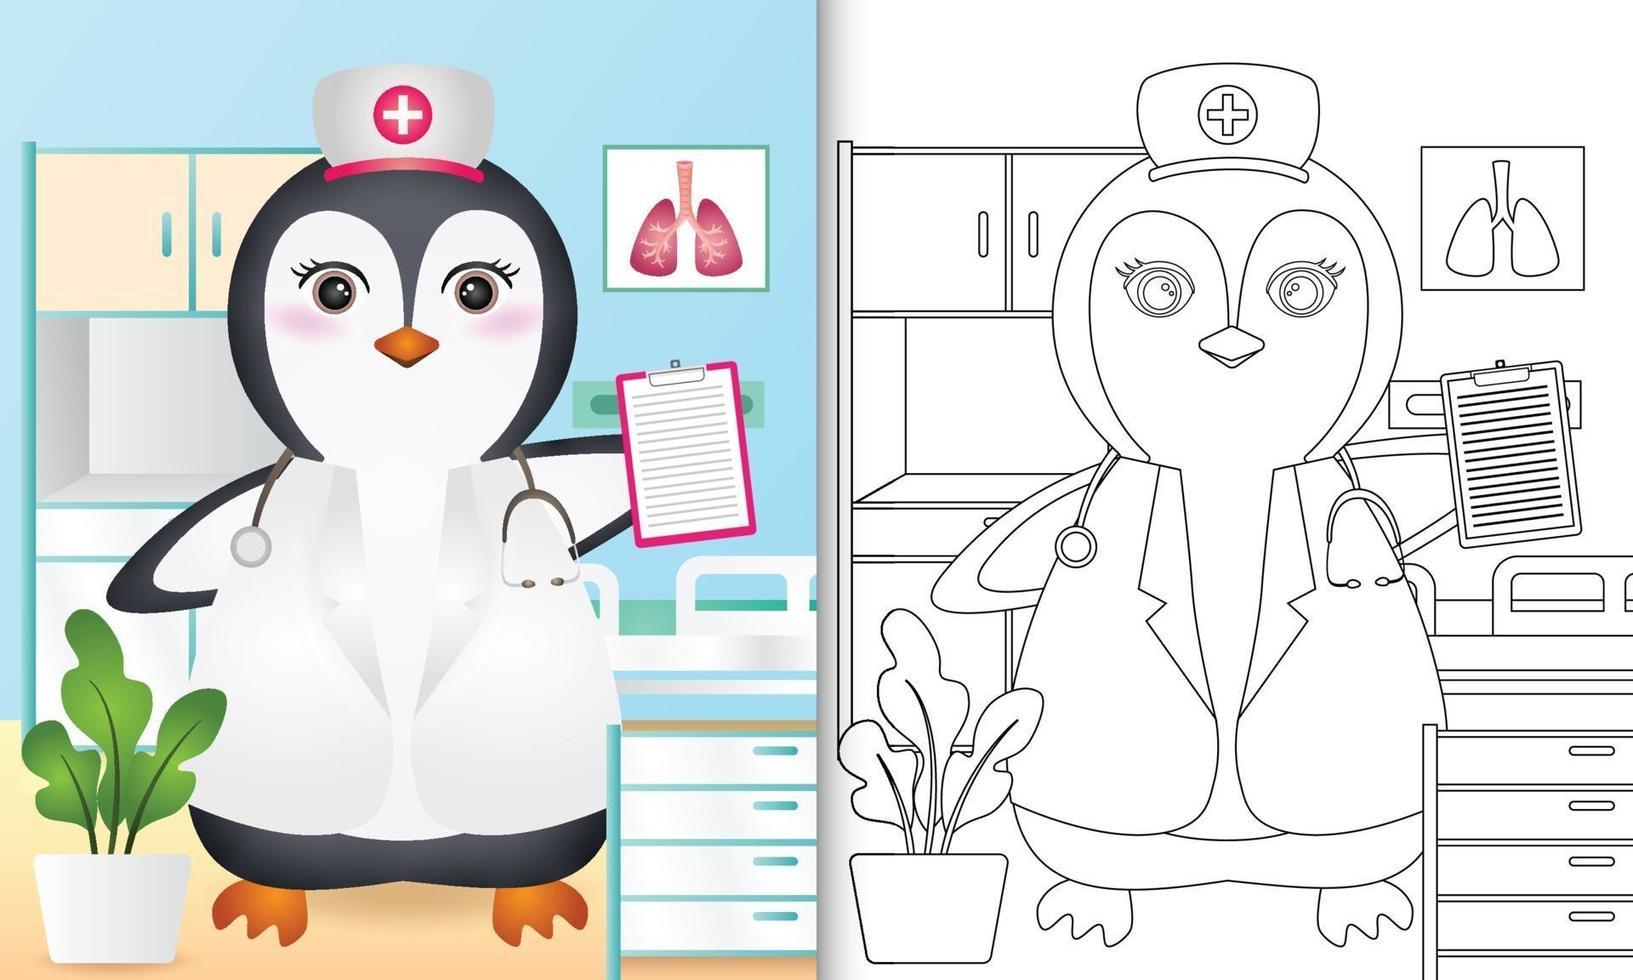 Malbuch für Kinder mit einer niedlichen Pinguin-Krankenschwester-Charakterillustration vektor